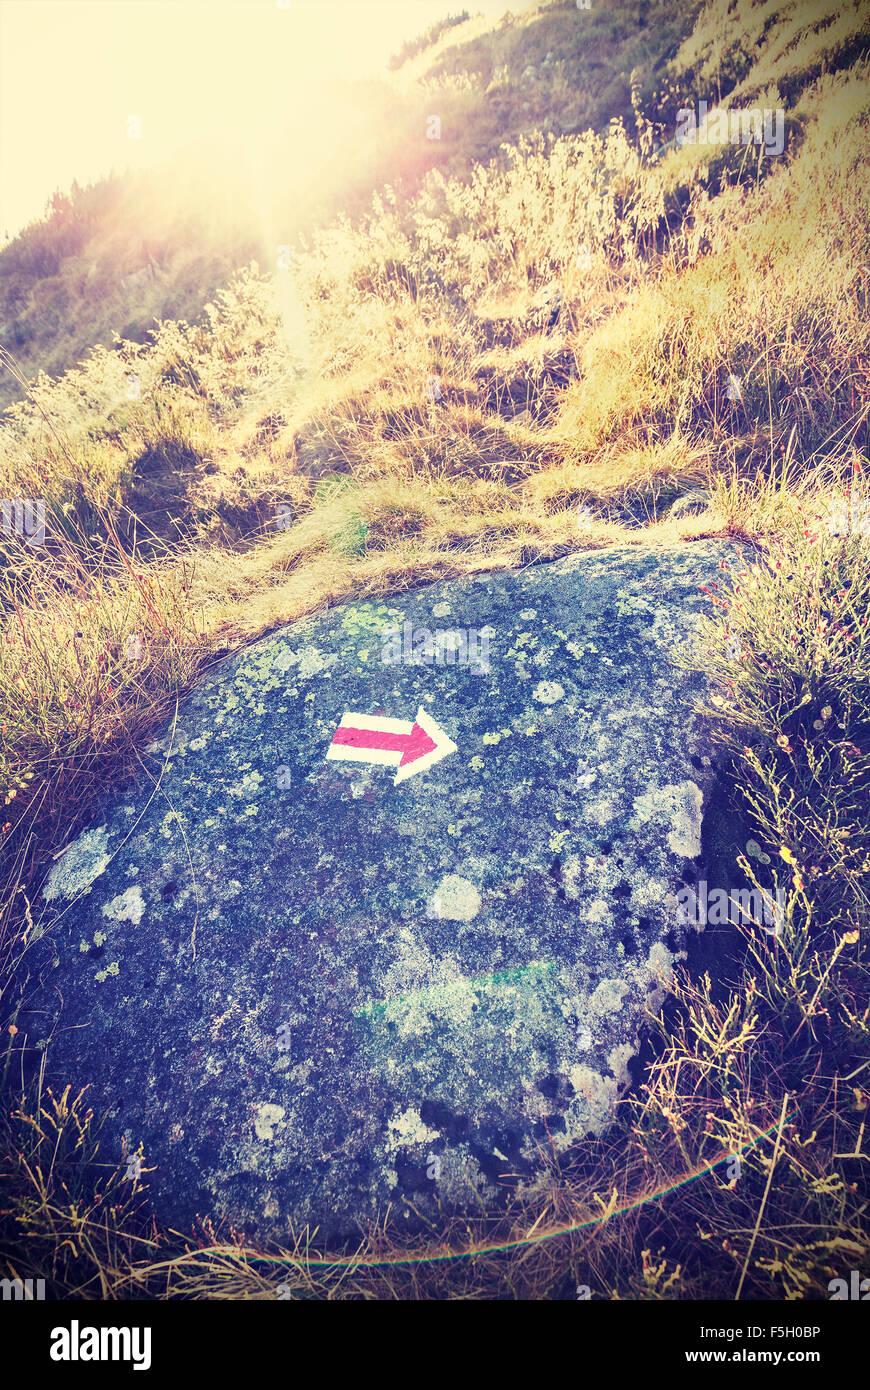 Sentier stylisé rétro panneau de flèche contre le coucher du soleil avec l'effet lens flare. Photo Stock